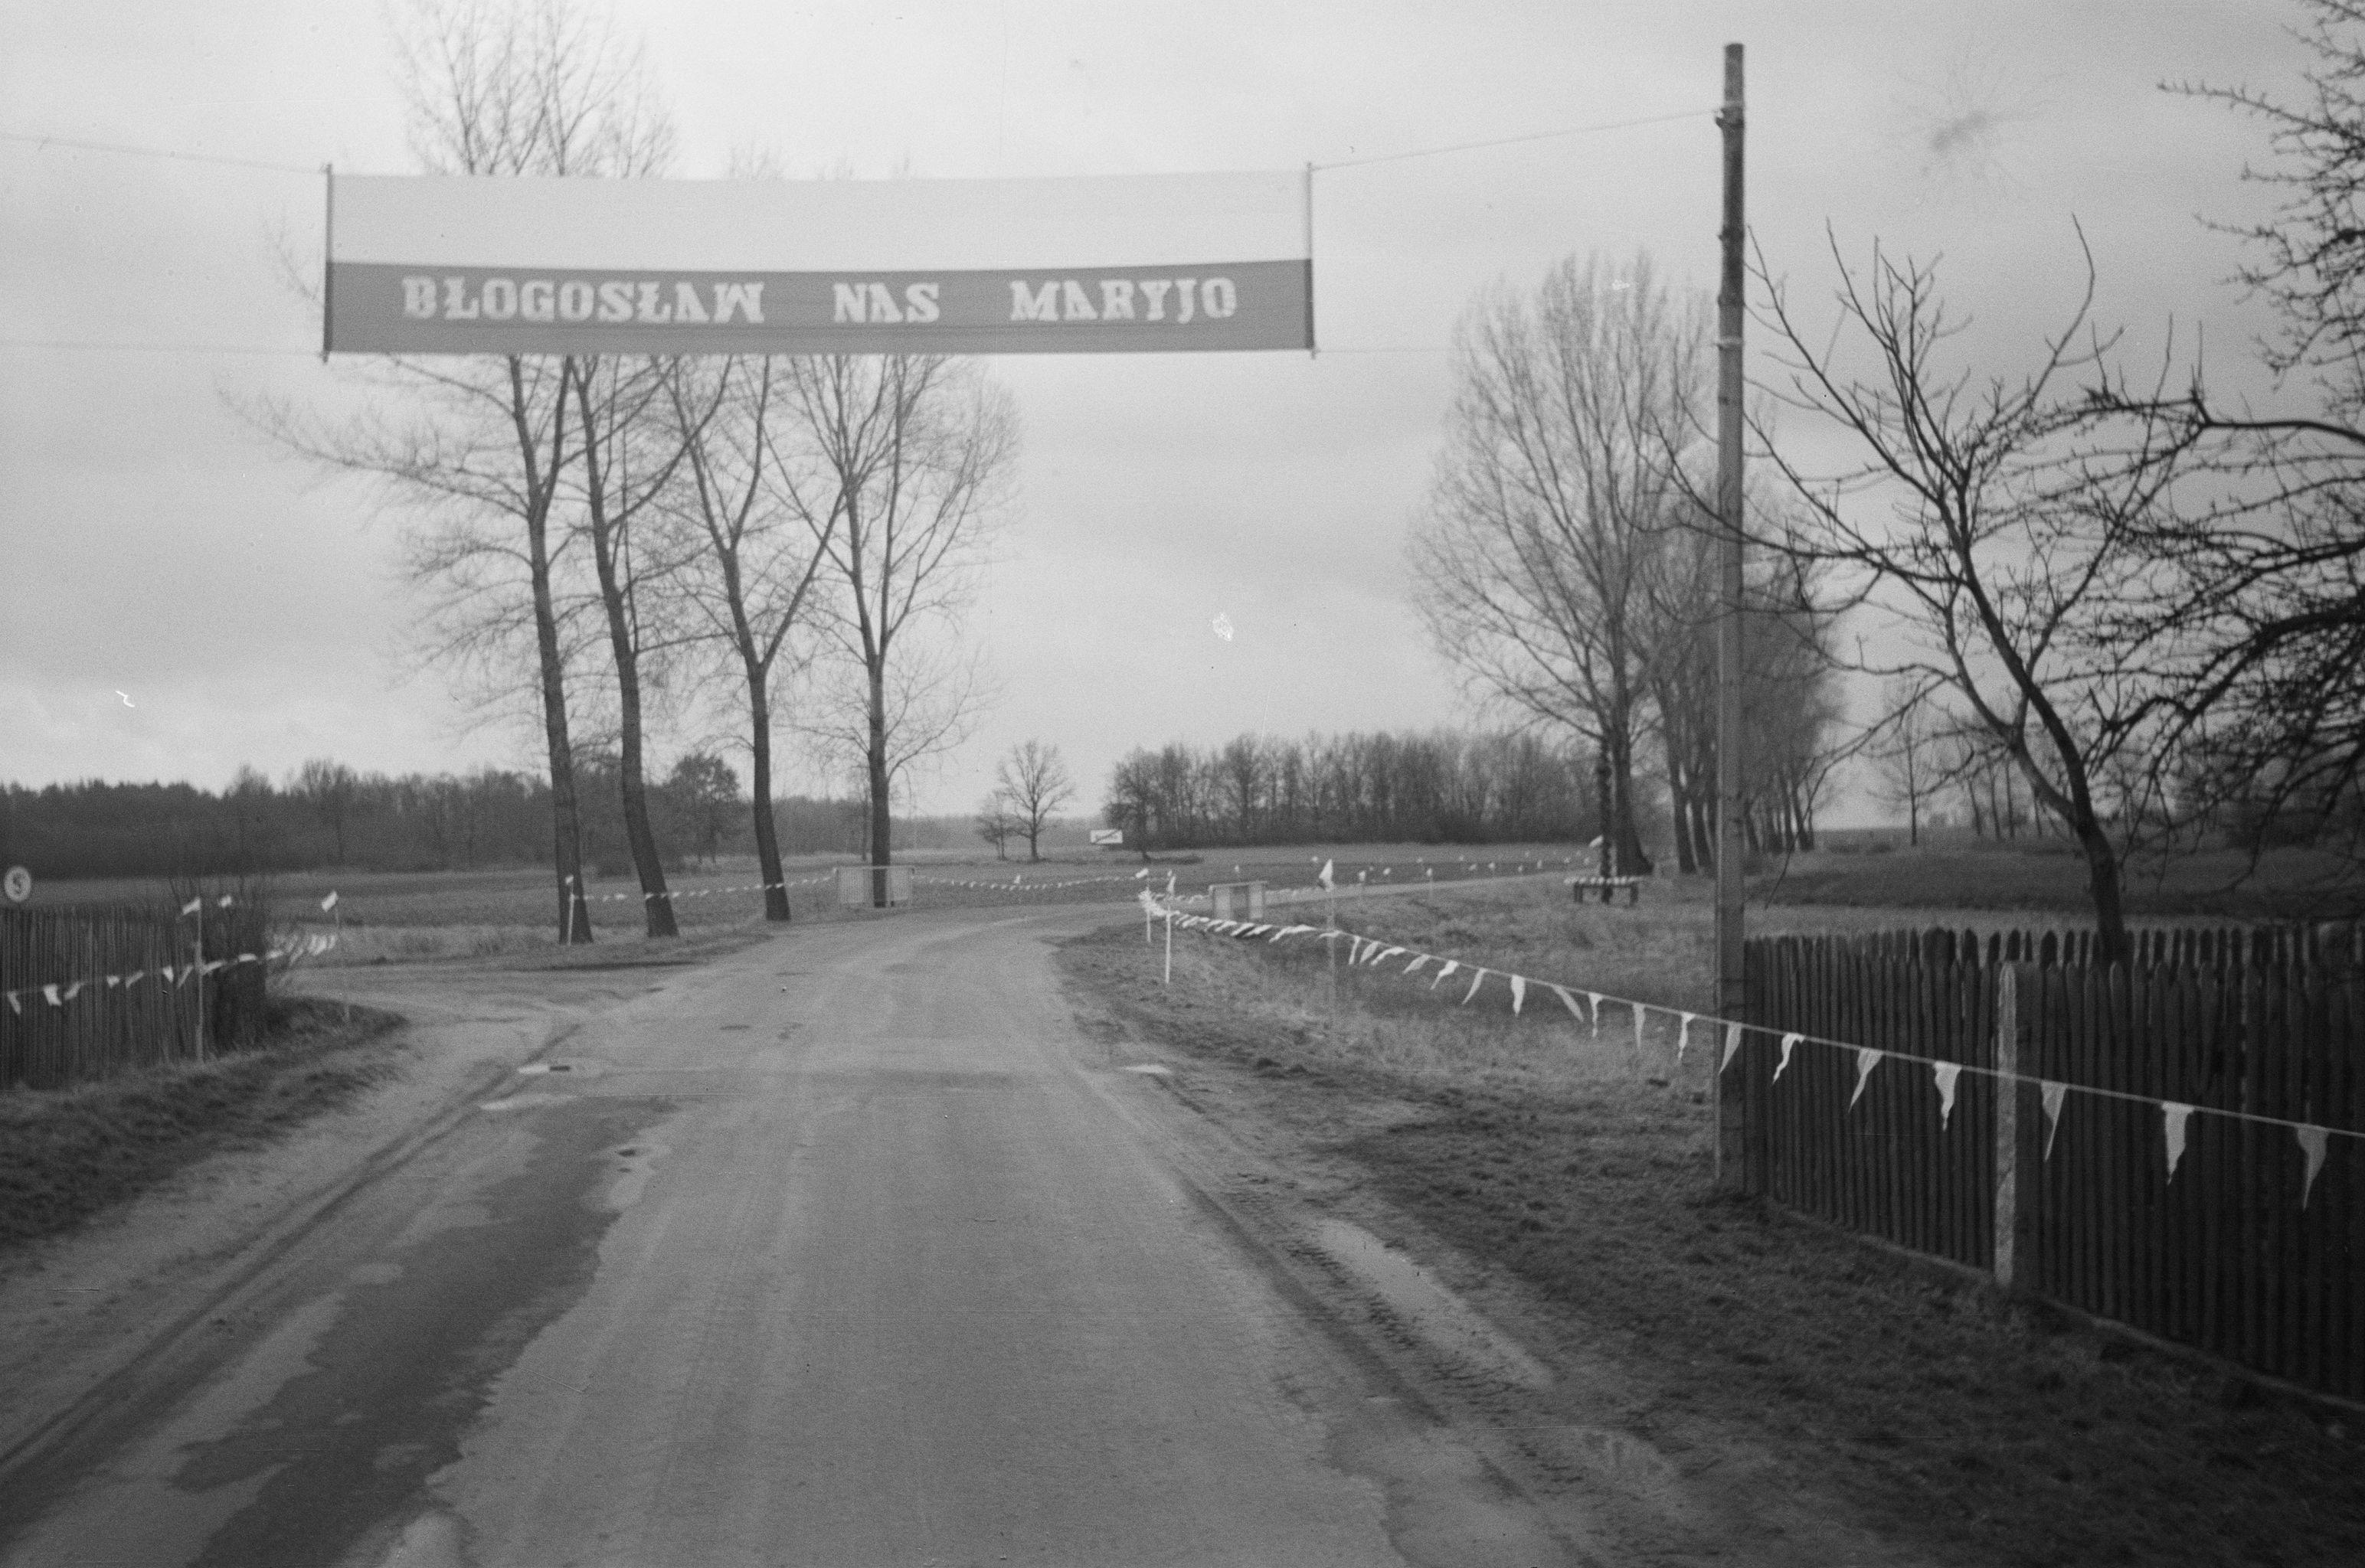 Przystrojona trasa przejazdu Nawiedzenia Obrazu Matki Boskiej Częstochowskiej, Brzózka, Dolny Śląsk, 1994 r.